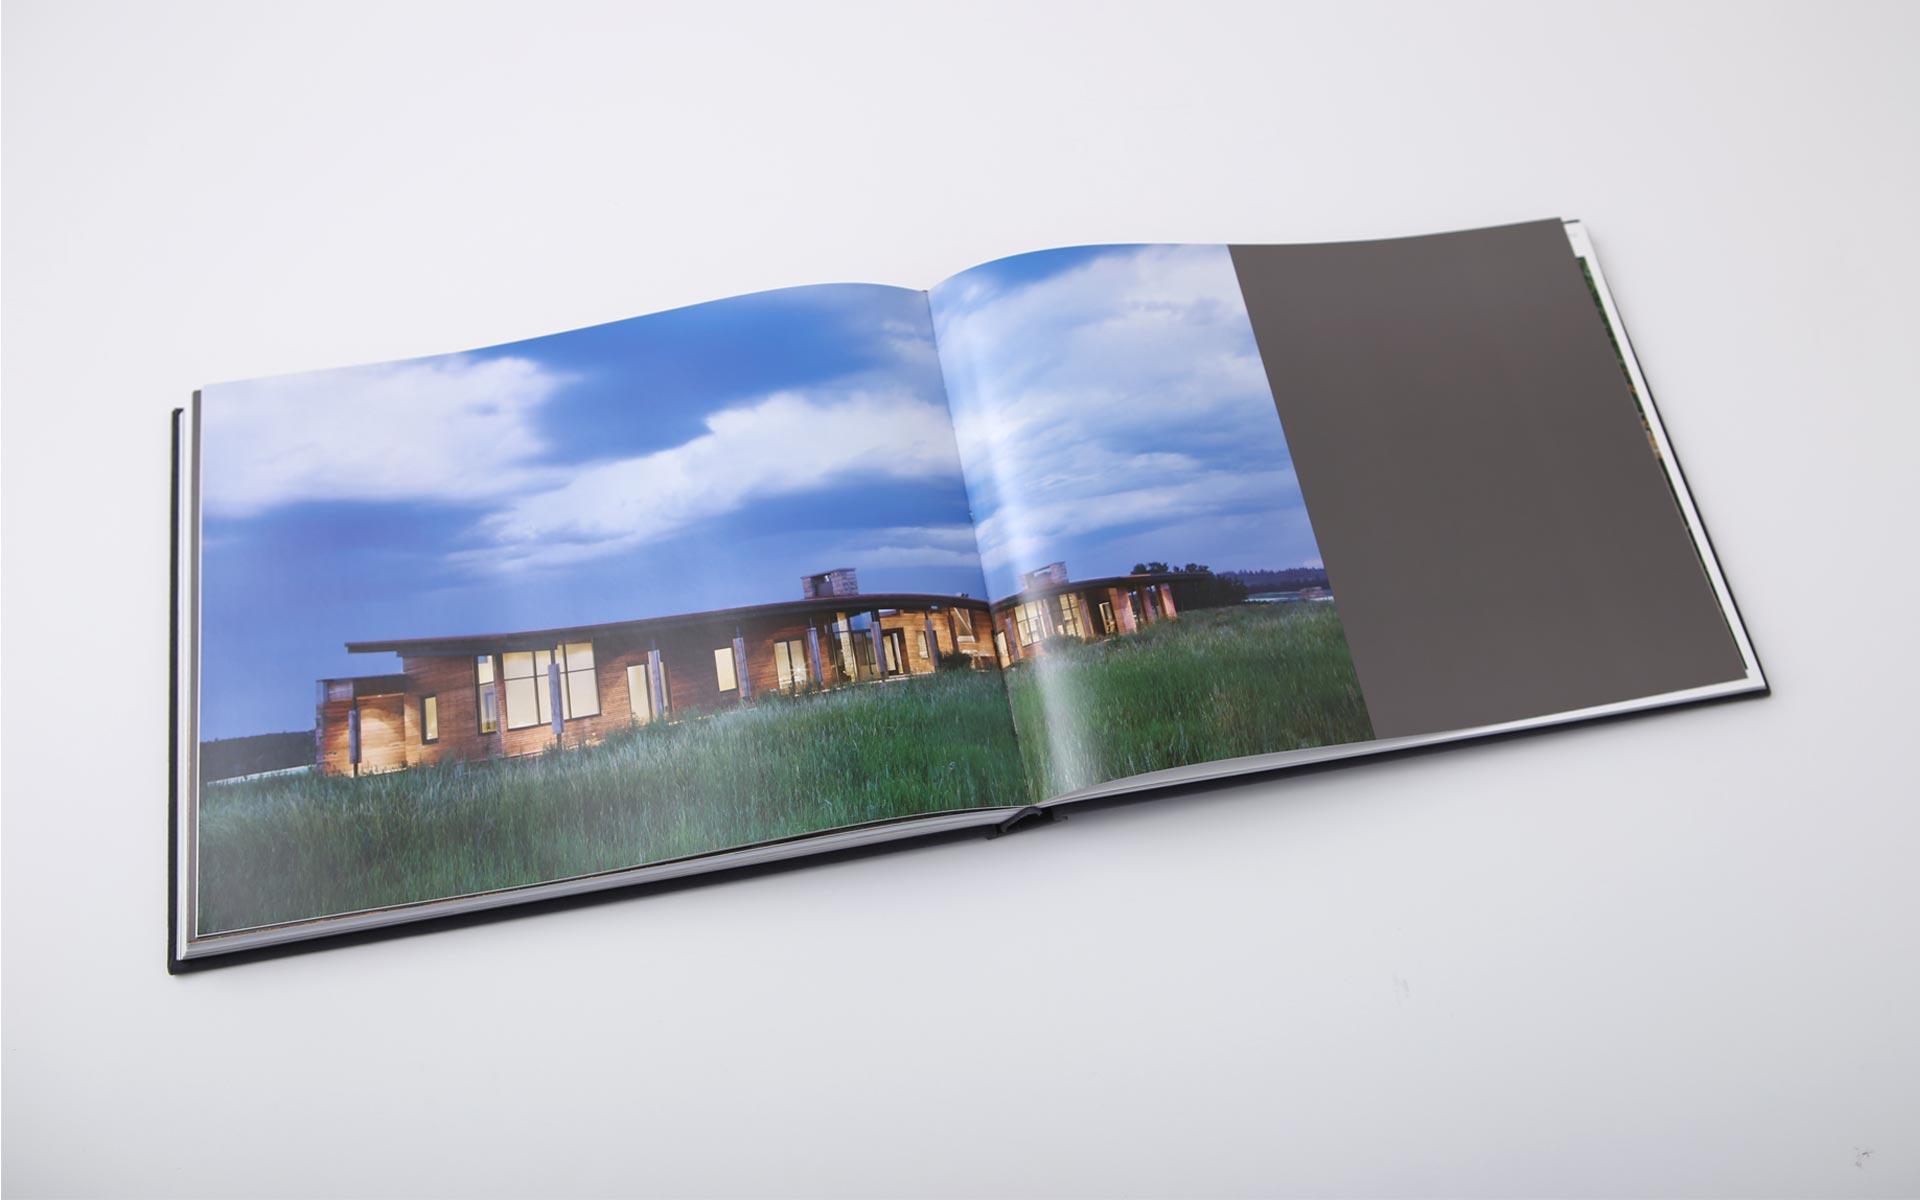 ward-blake-architects-book-design-4